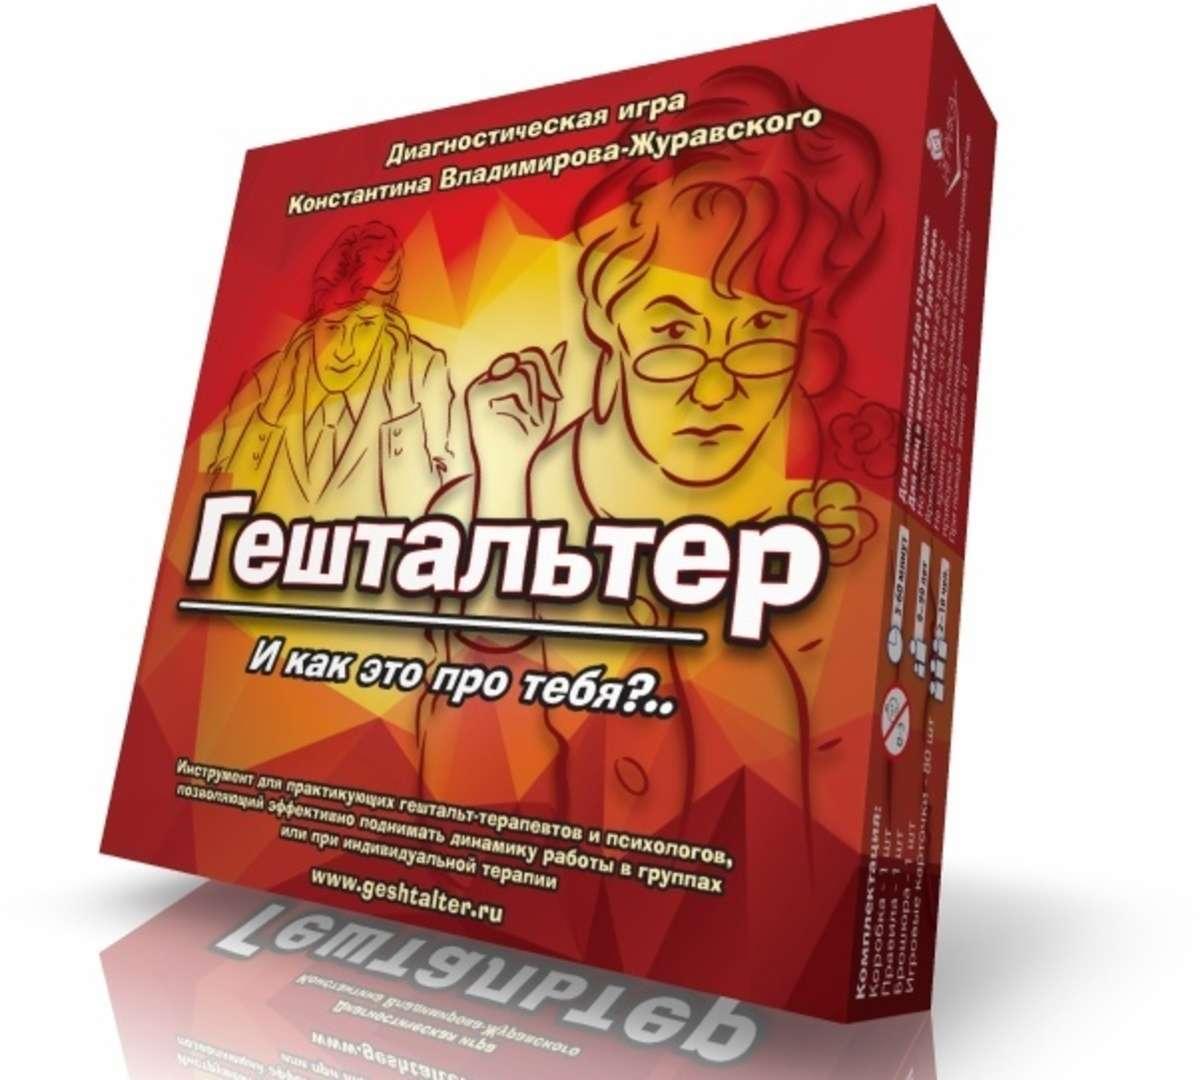 Гештальтер - диагностическая игра для психологов